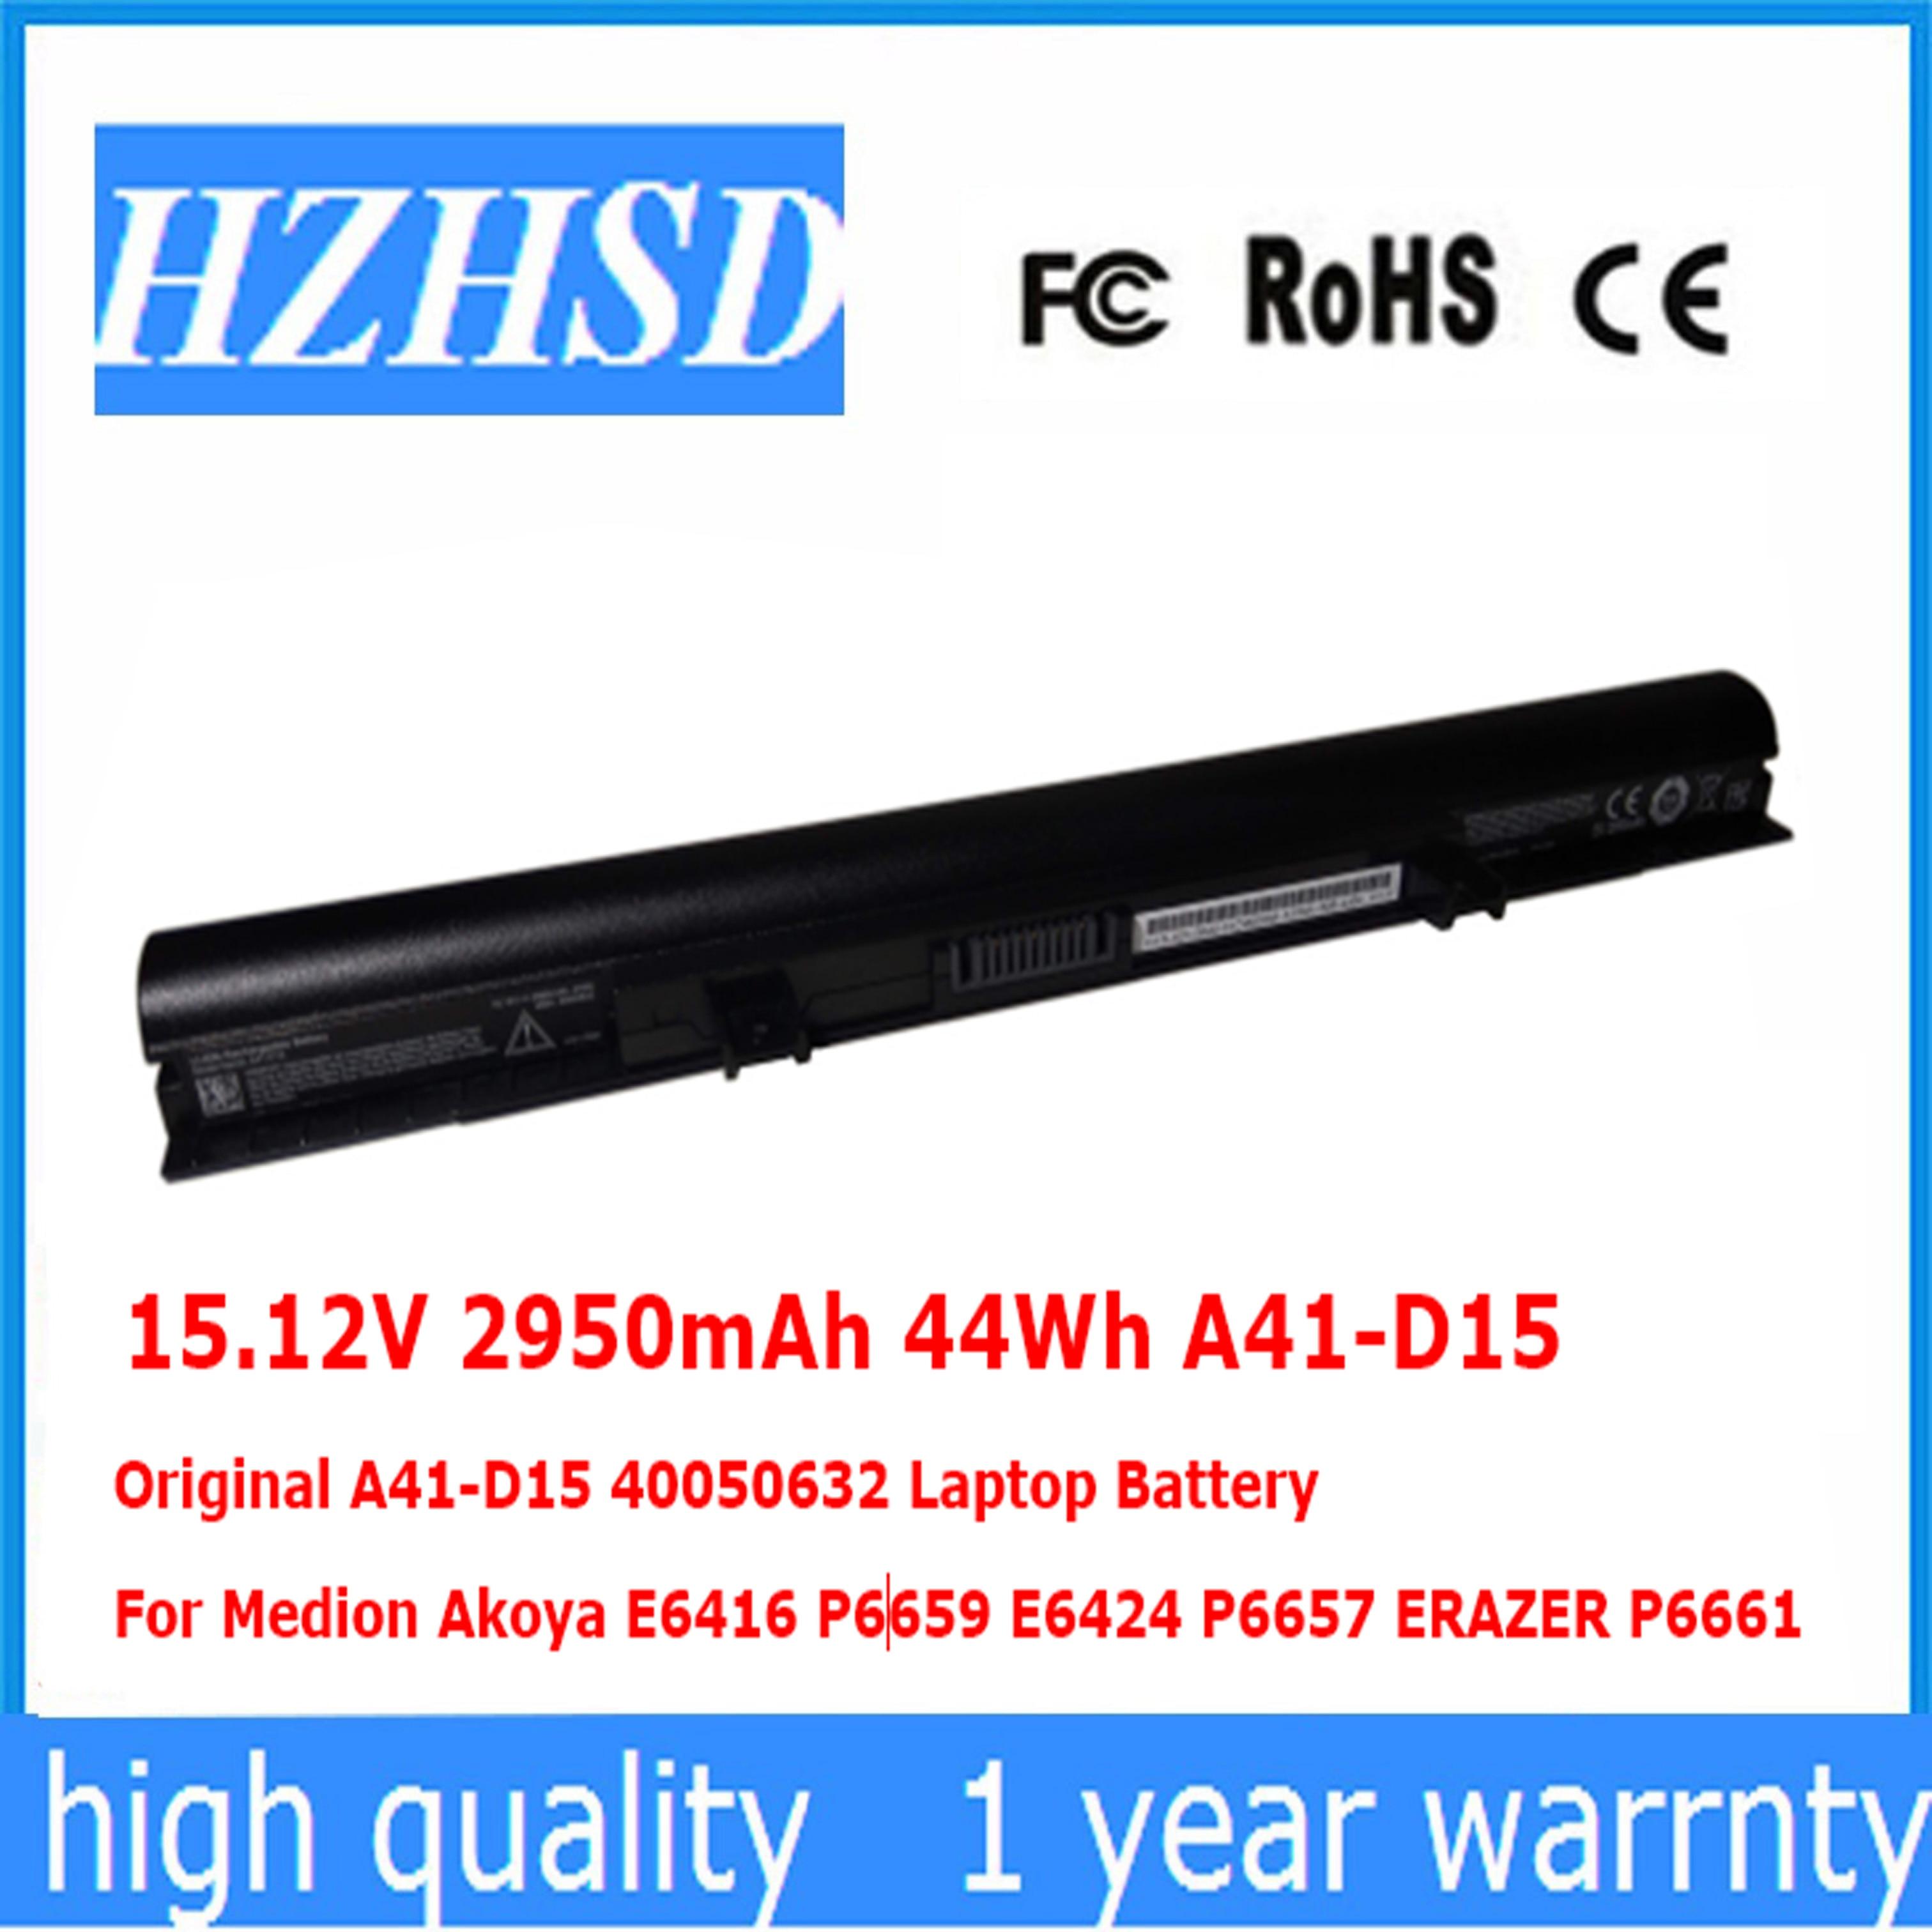 15.12V 2950mAh 44Wh A41 D15 Original A41 D15 40050632 Laptop Battery For Medion Akoya E6416 P6659 E6424 P6657 ERAZER P6661 Laptop Batteries     - title=